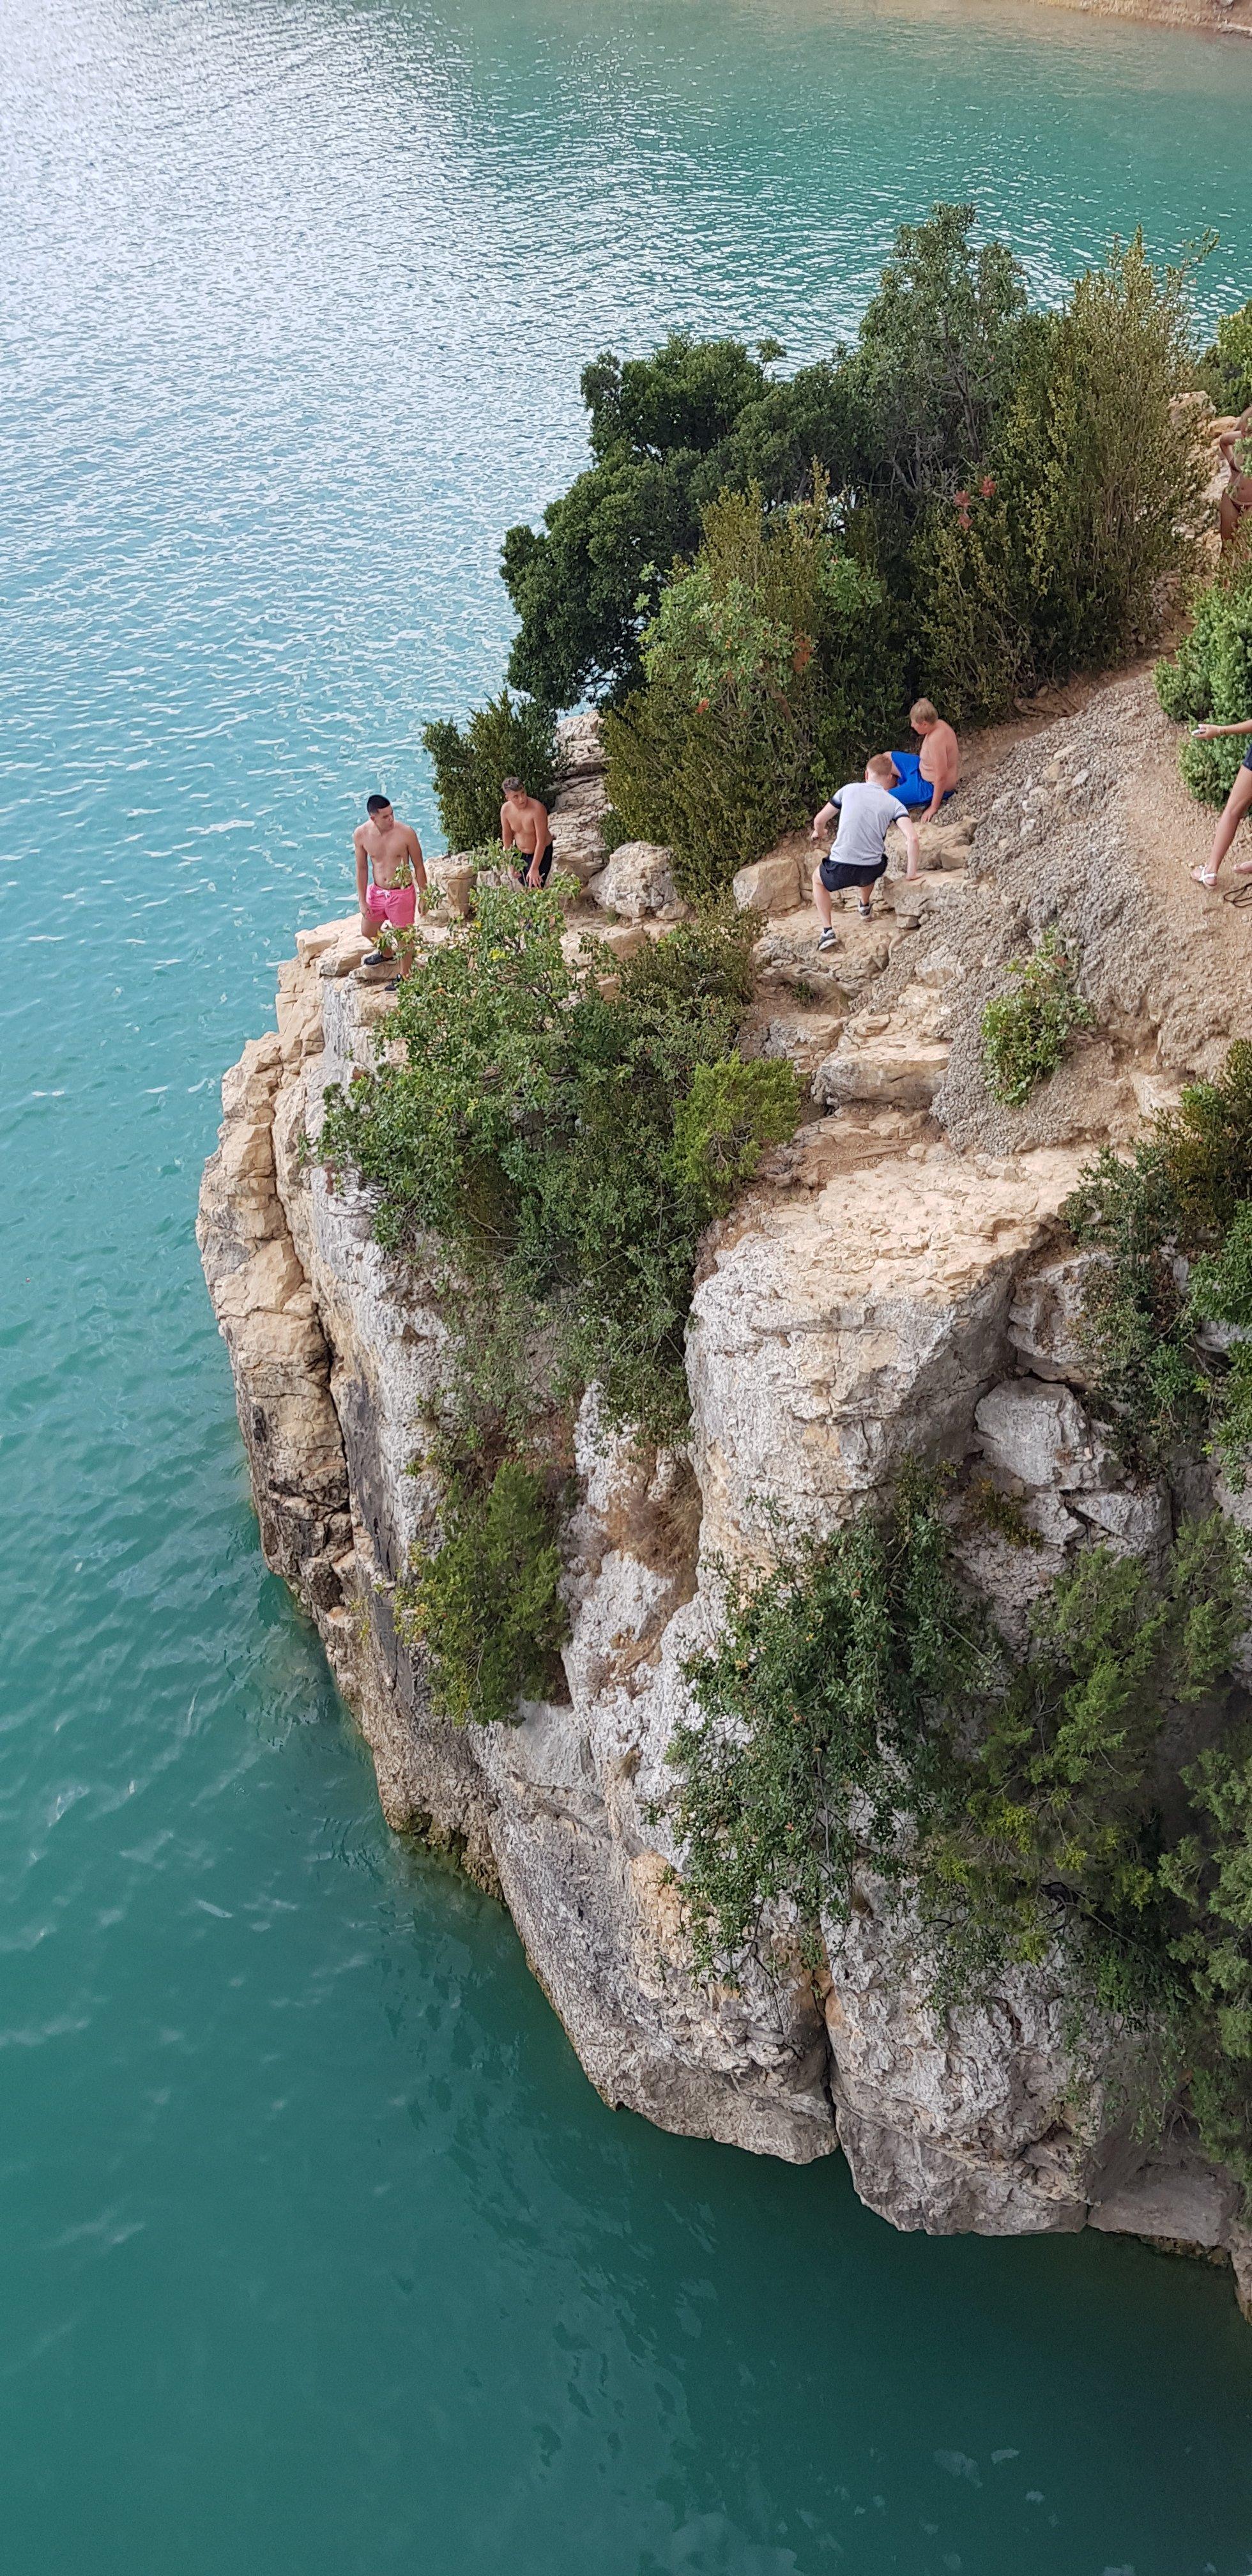 lac sainte croix gorges du verdon